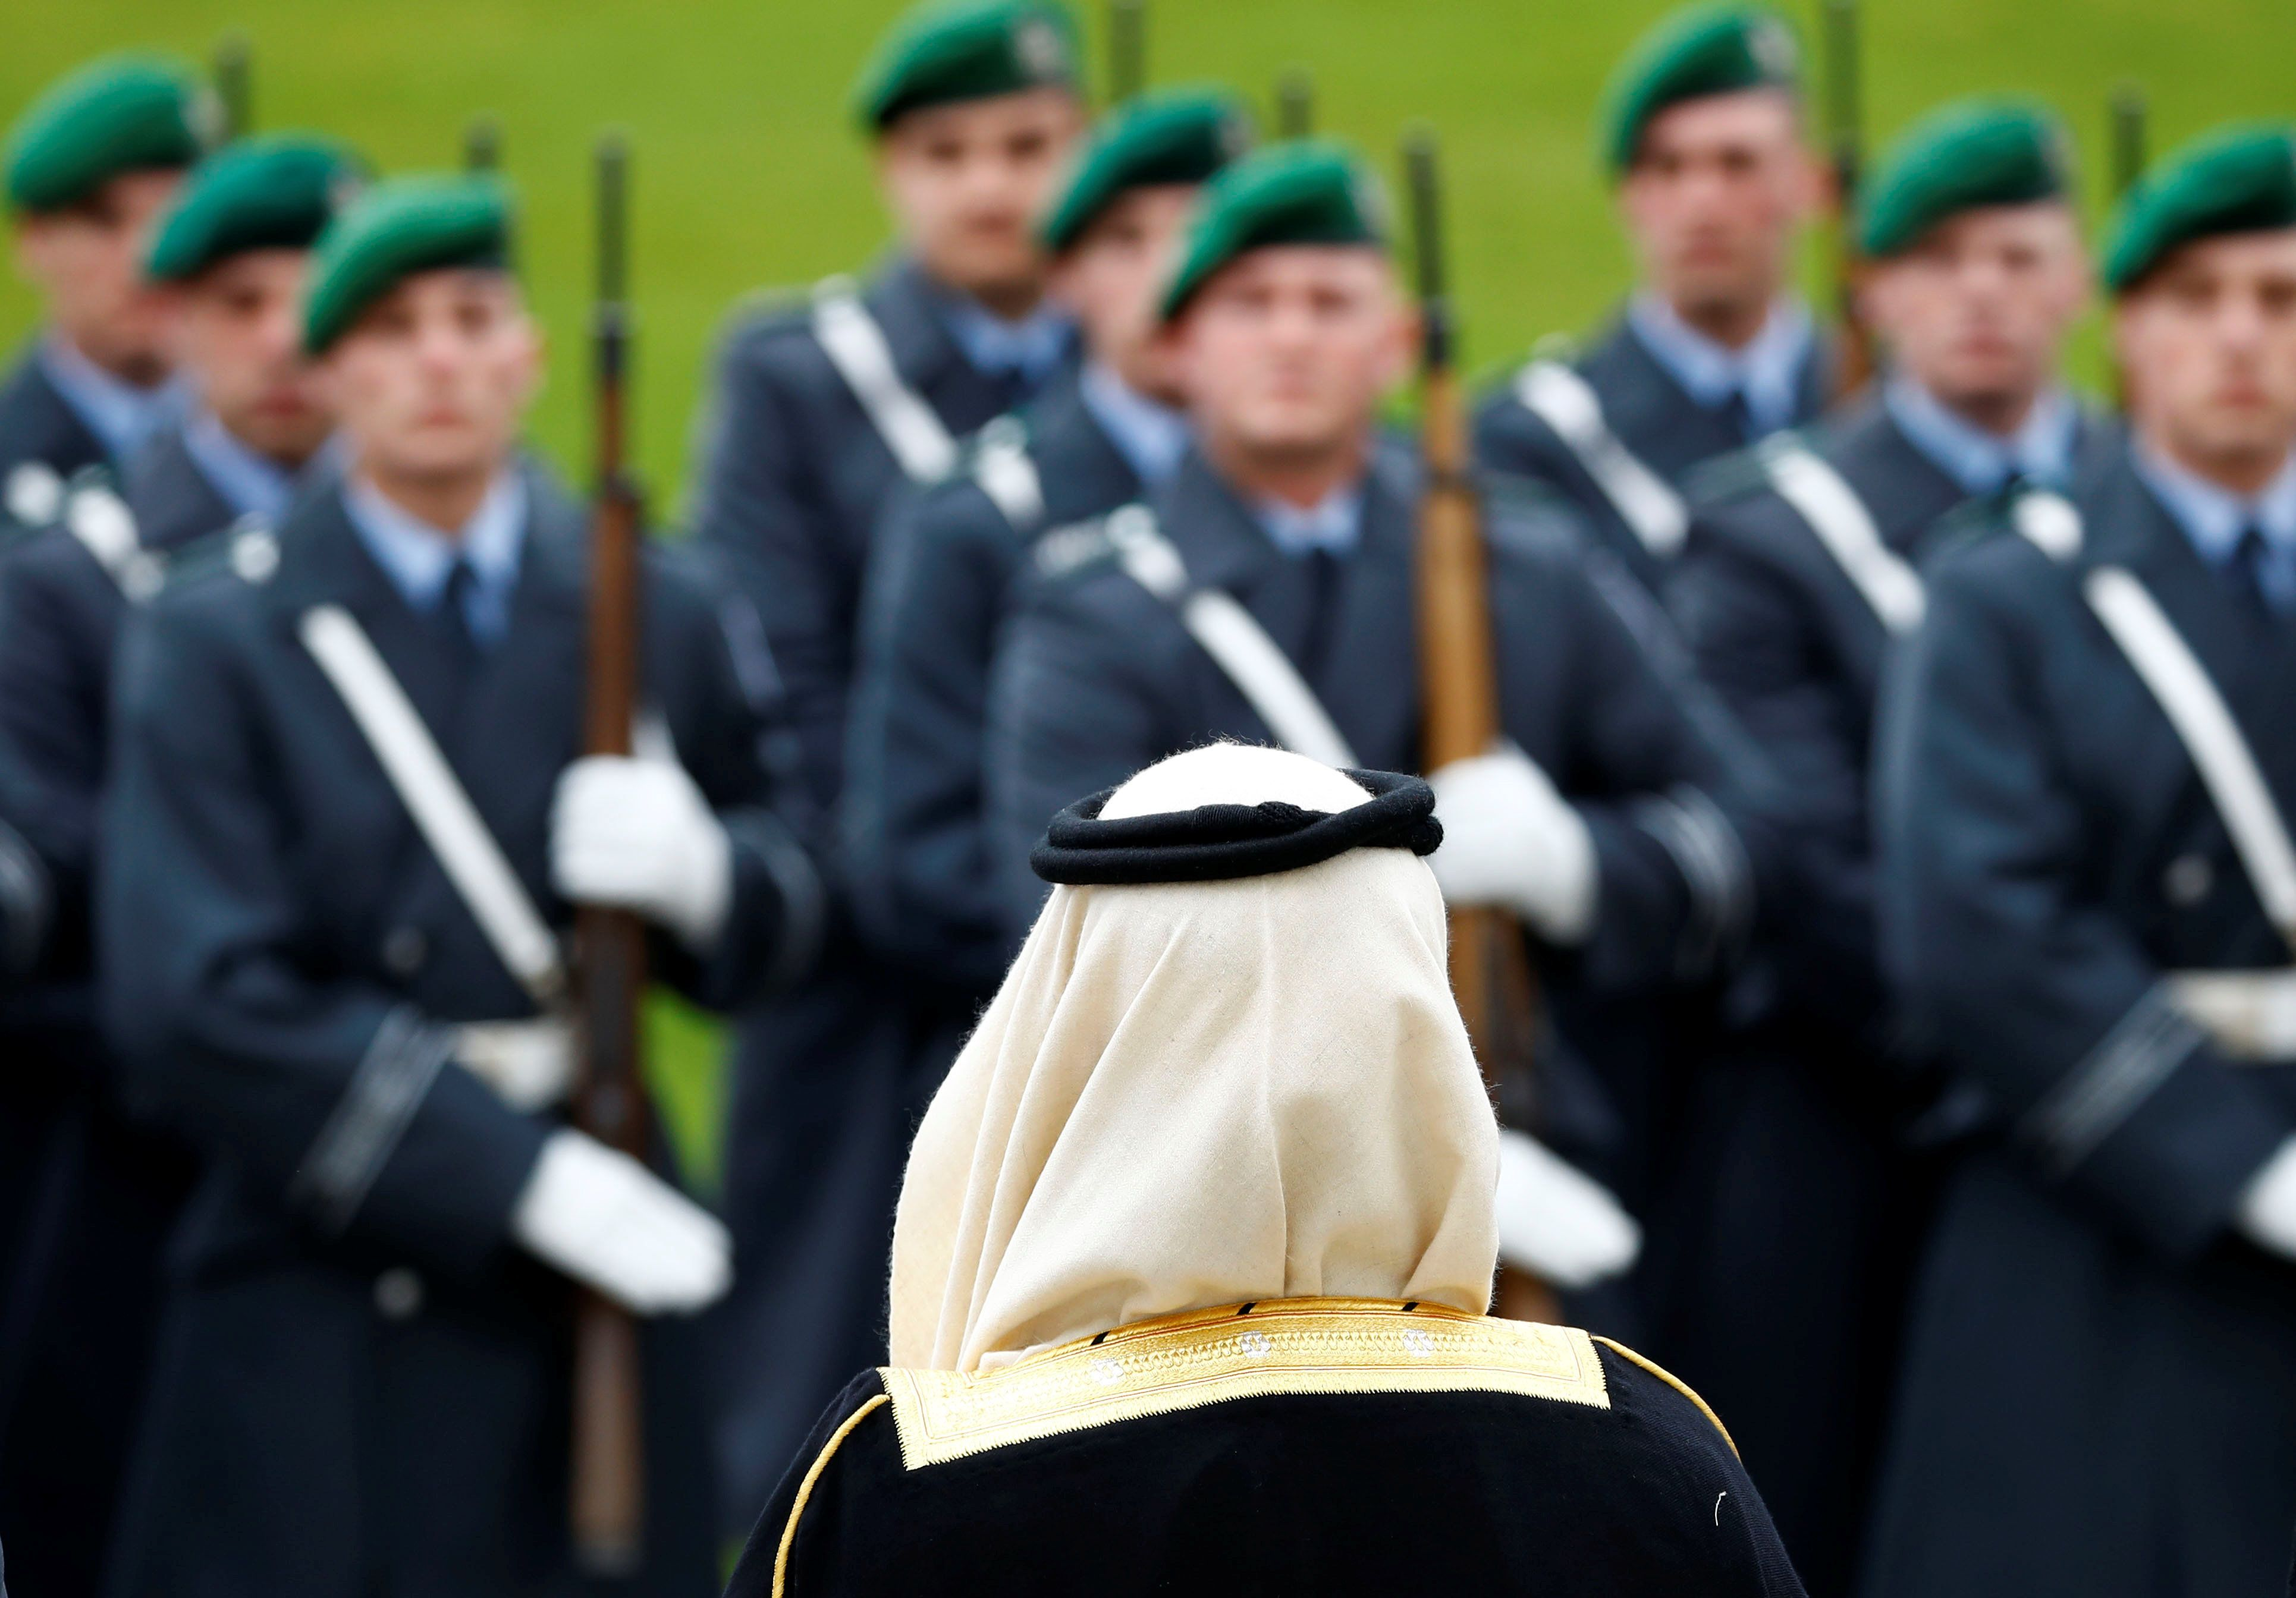 Γερμανία: Κυβερνητικές τριβές με φόντο τις πωλήσεις όπλων στη Σαουδική